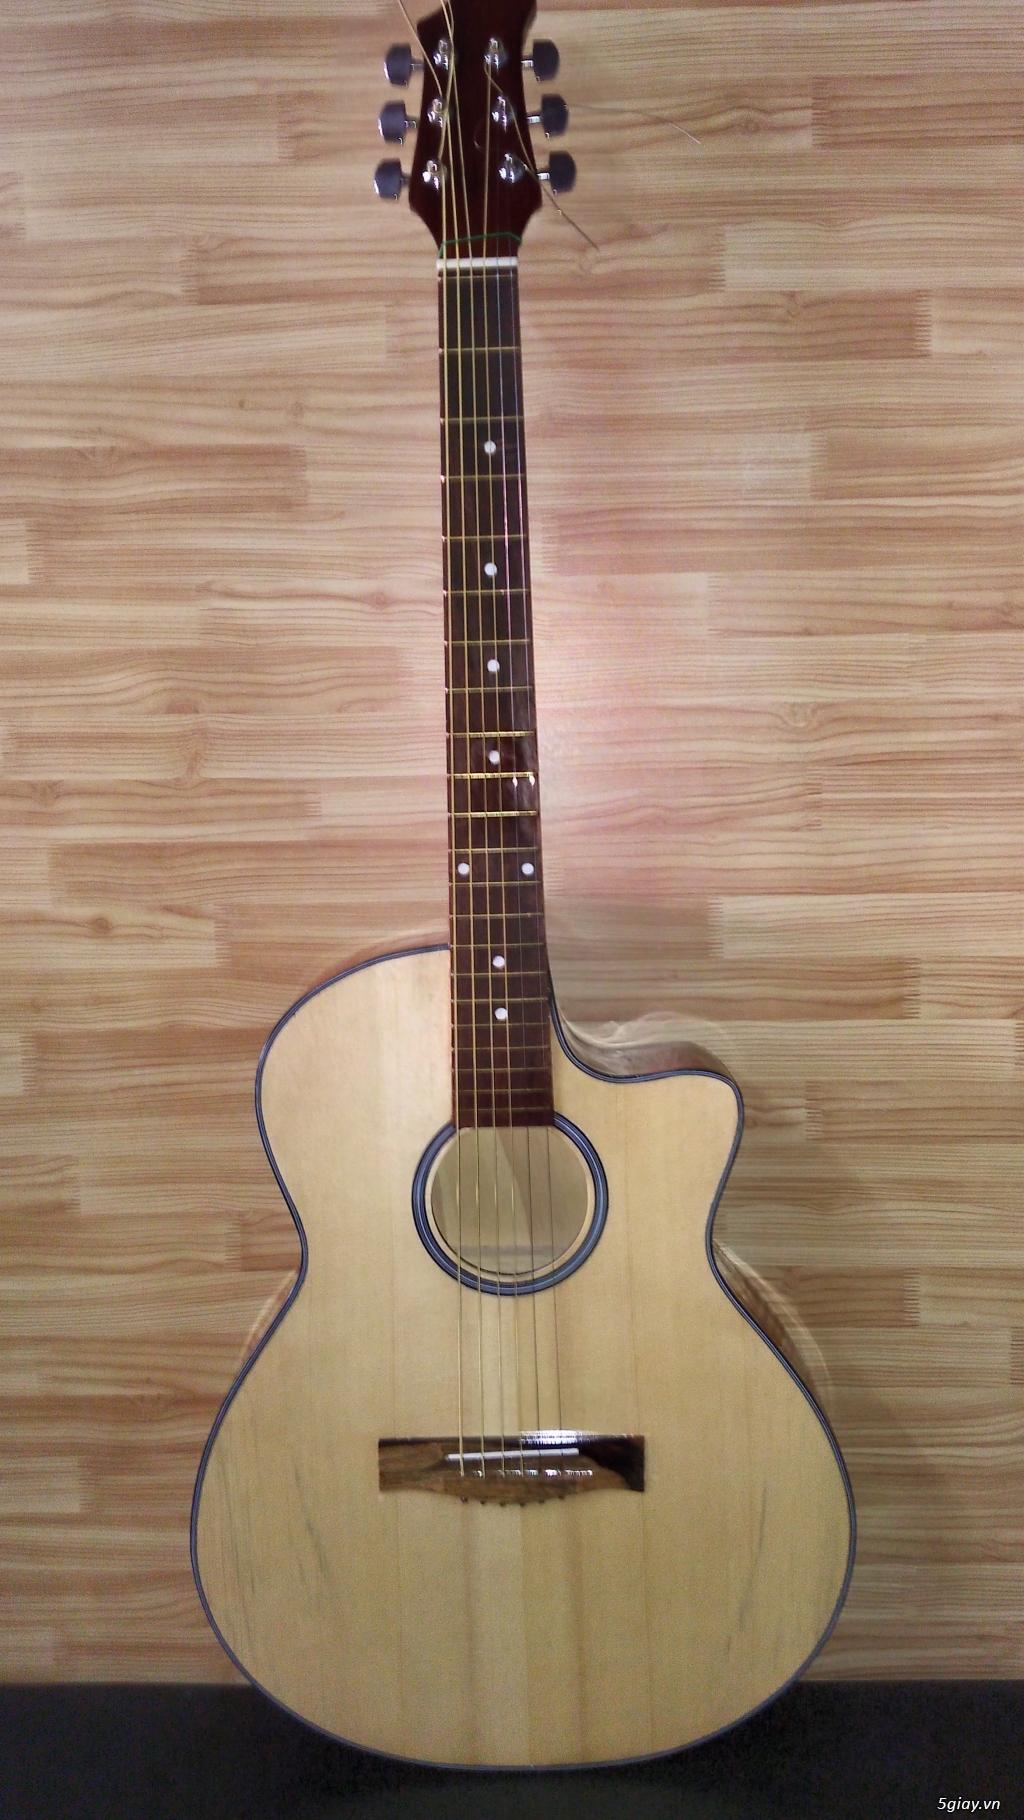 Guitar Song Hành Hóc Môn giá siêu cạnh tranh - 4